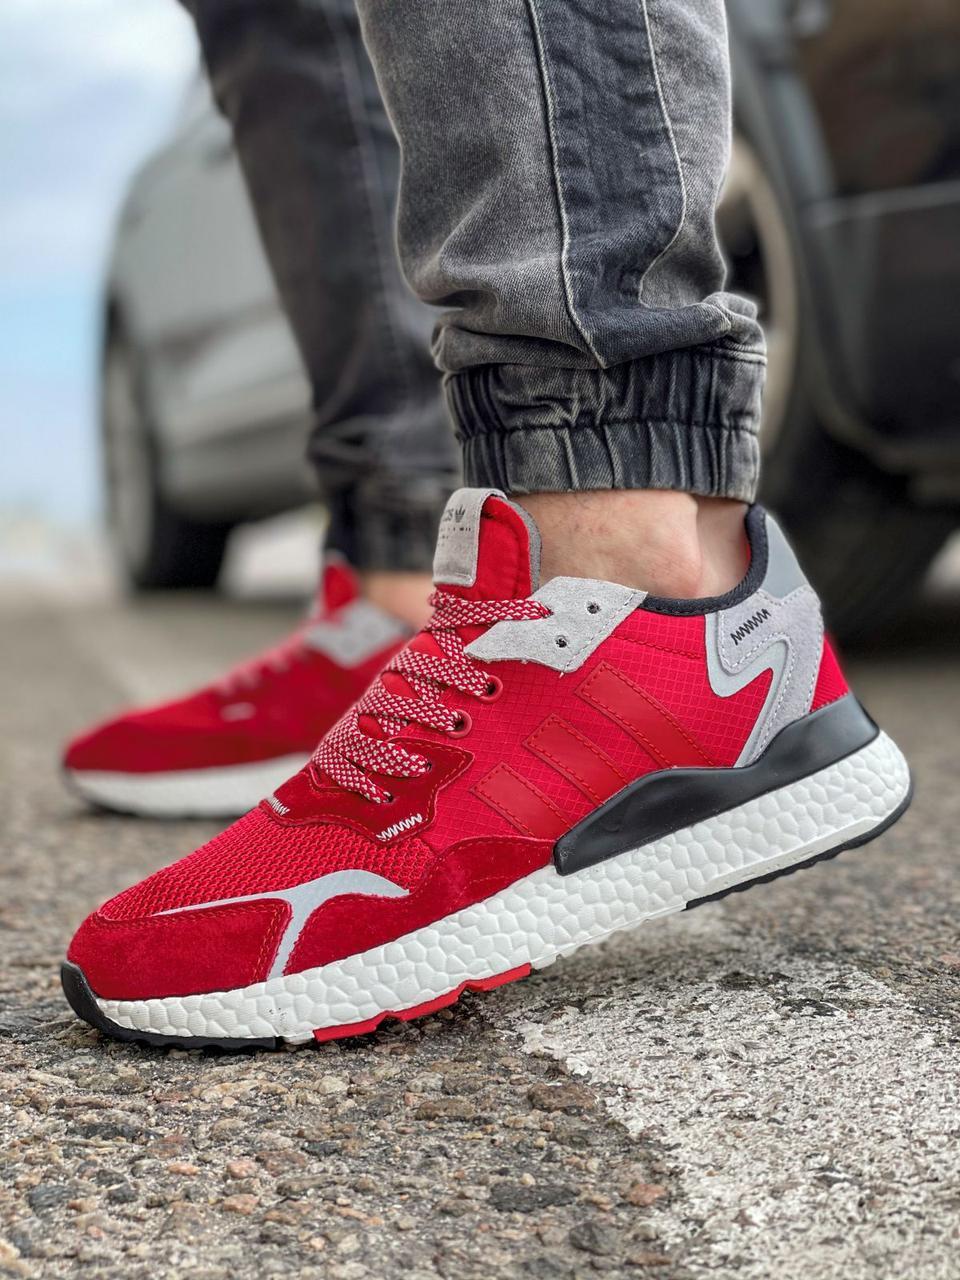 Кроссовки мужские 17297, Adidas Nite Jogger Boost 3M красны, [ 41 42 43 44 45 ] р. 41-25,2см.